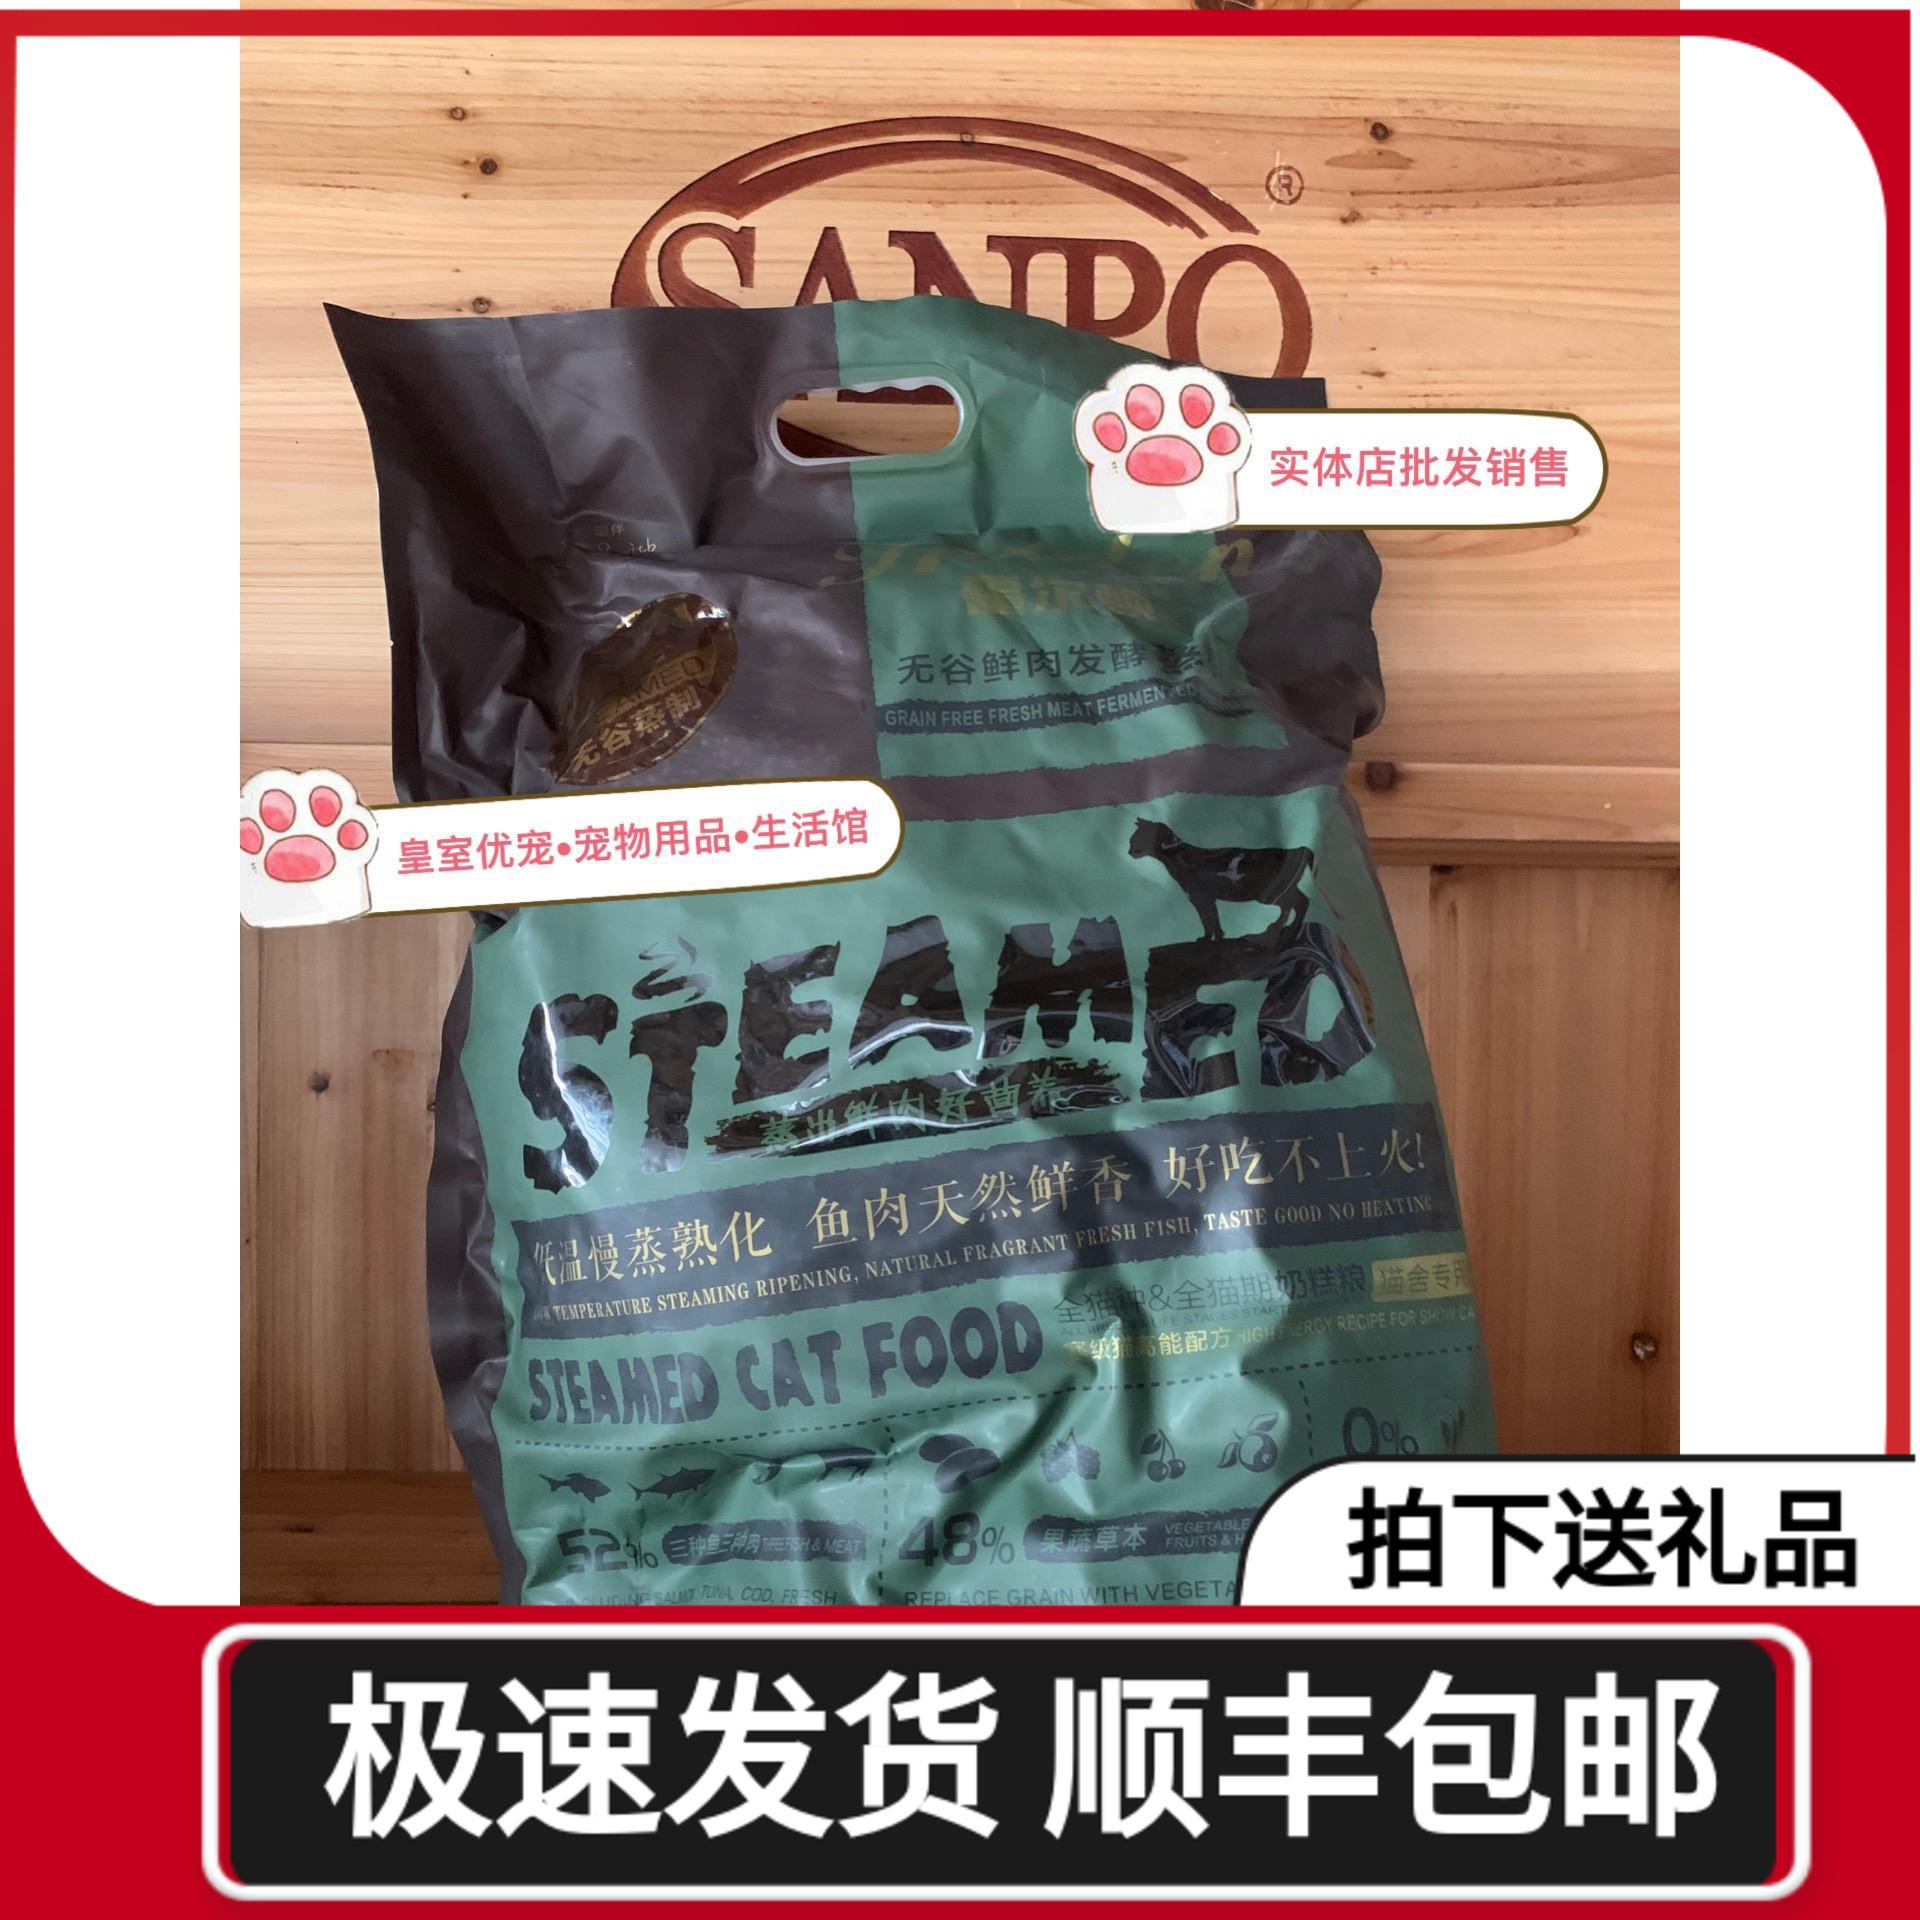 拍送礼品霍尔顿蒸粮猫粮5kg10斤全猫种全期无谷鲜肉发酵蒸粮包邮